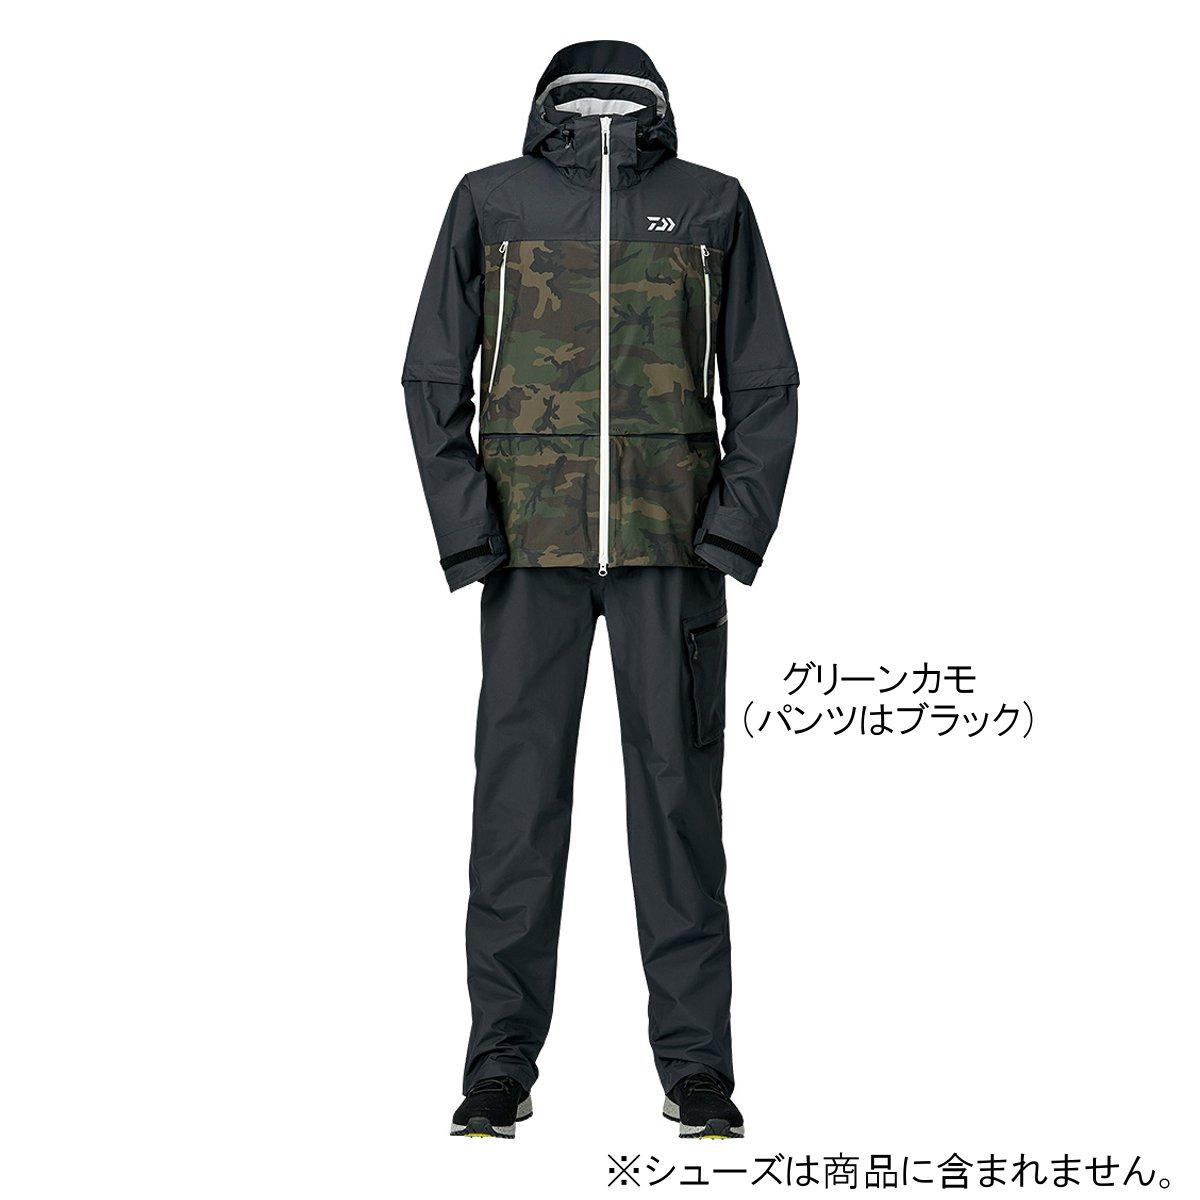 ダイワ レインマックス デタッチャブルレインスーツ DR-30009 2XL グリーンカモ【送料無料】